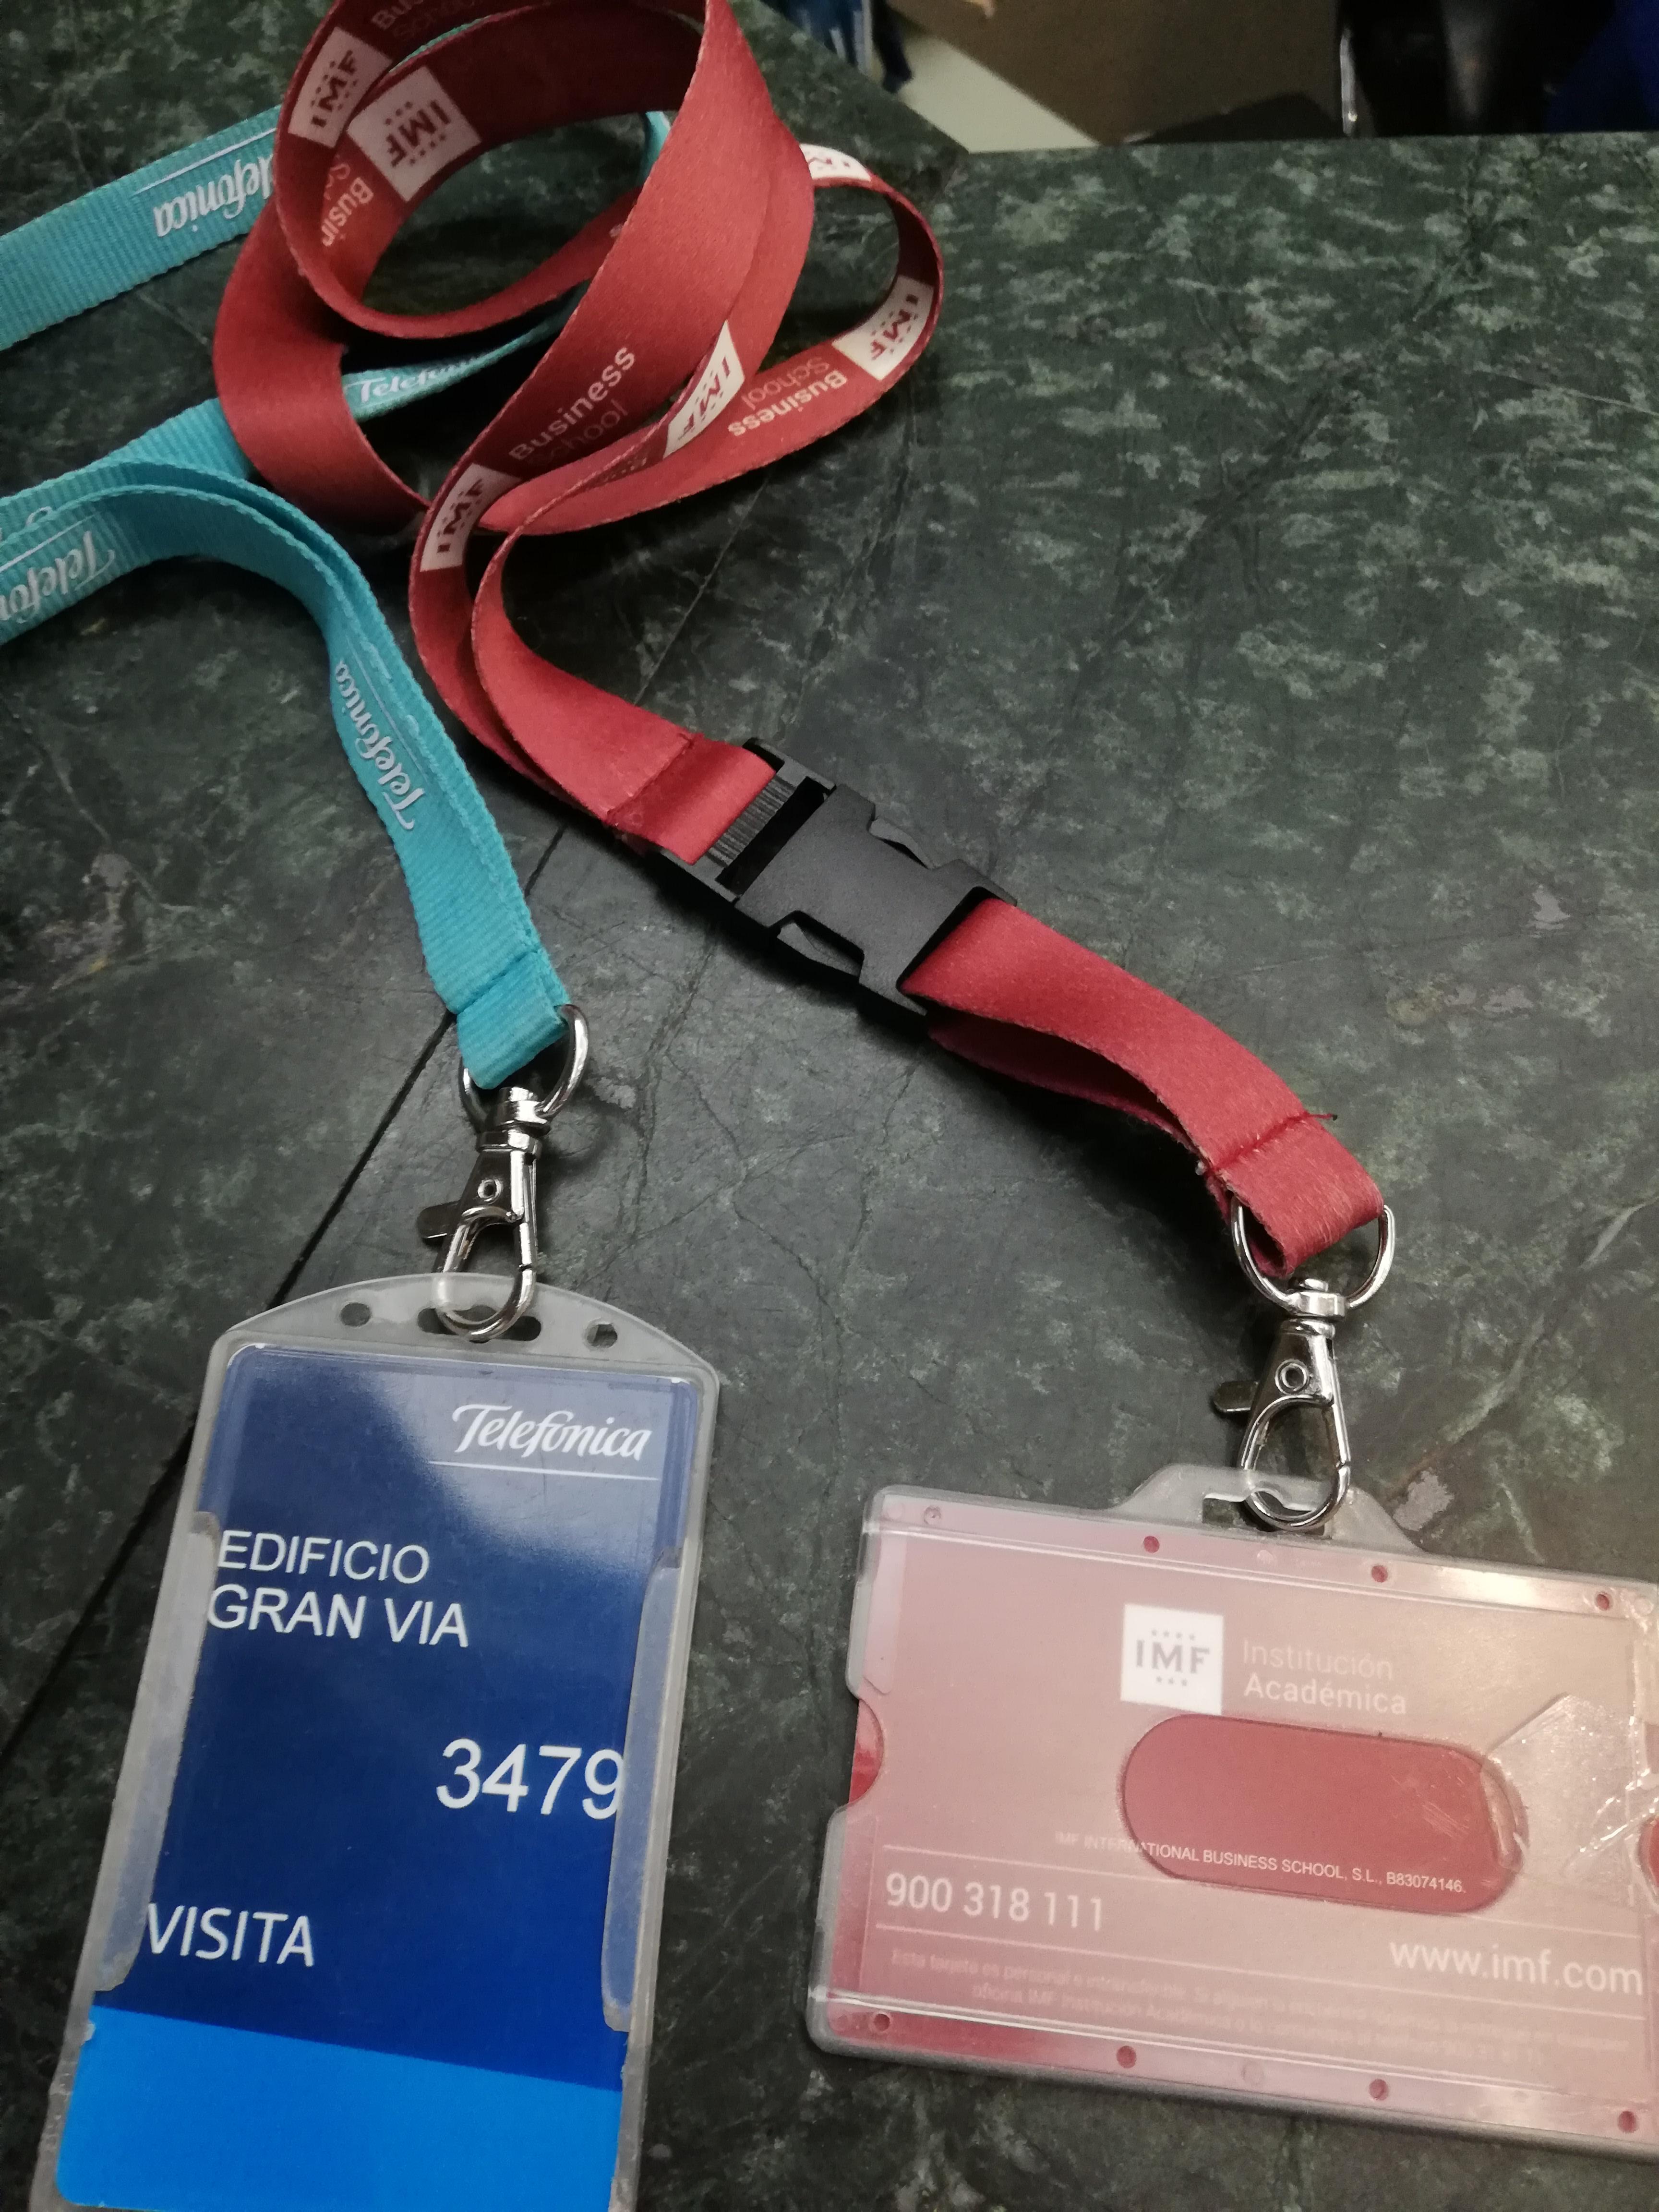 IMG_20181005_112651 Telefónica: Nuestros alumnos conocieron cómo la empresa gestiona la ciberseguridad